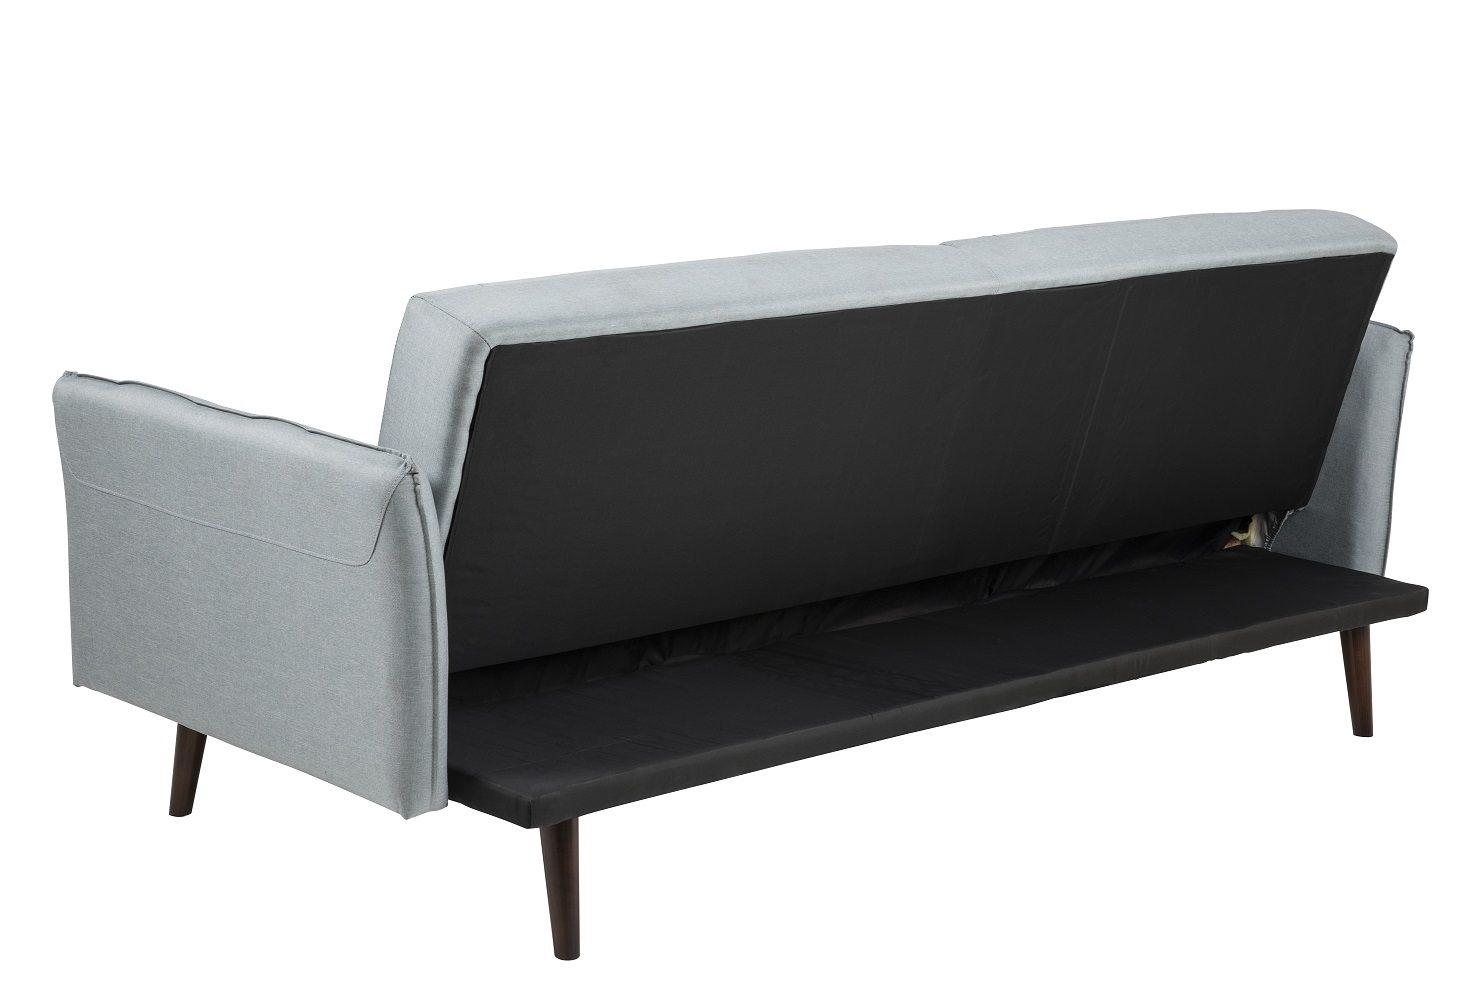 Air dream sleeper sofa mattress reviews book of stefanie for Sofa bed air mattress reviews